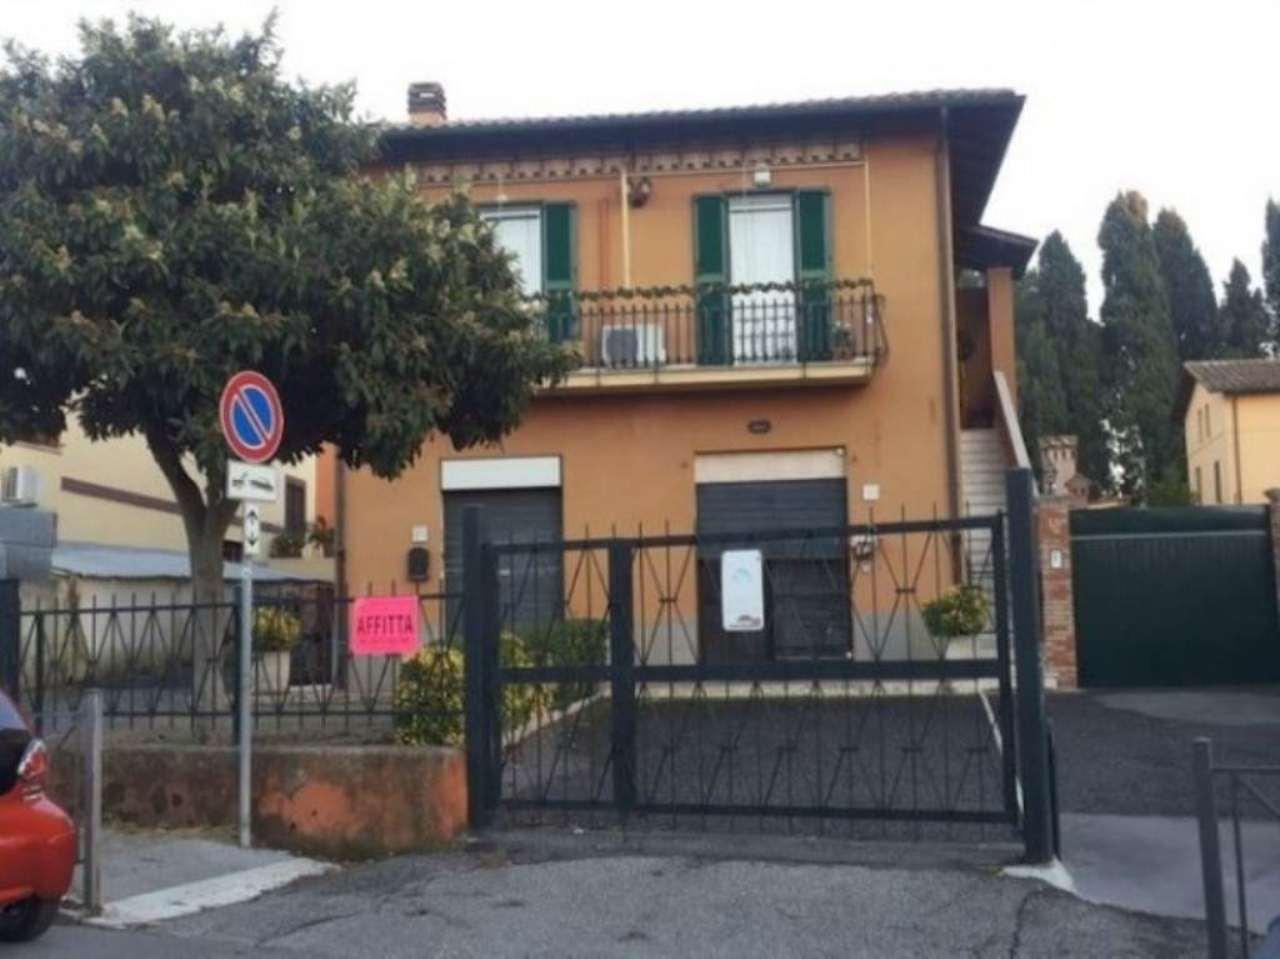 Negozio locale roma affitto 500 zona 13 tuscolano for Affitto immobili commerciali roma